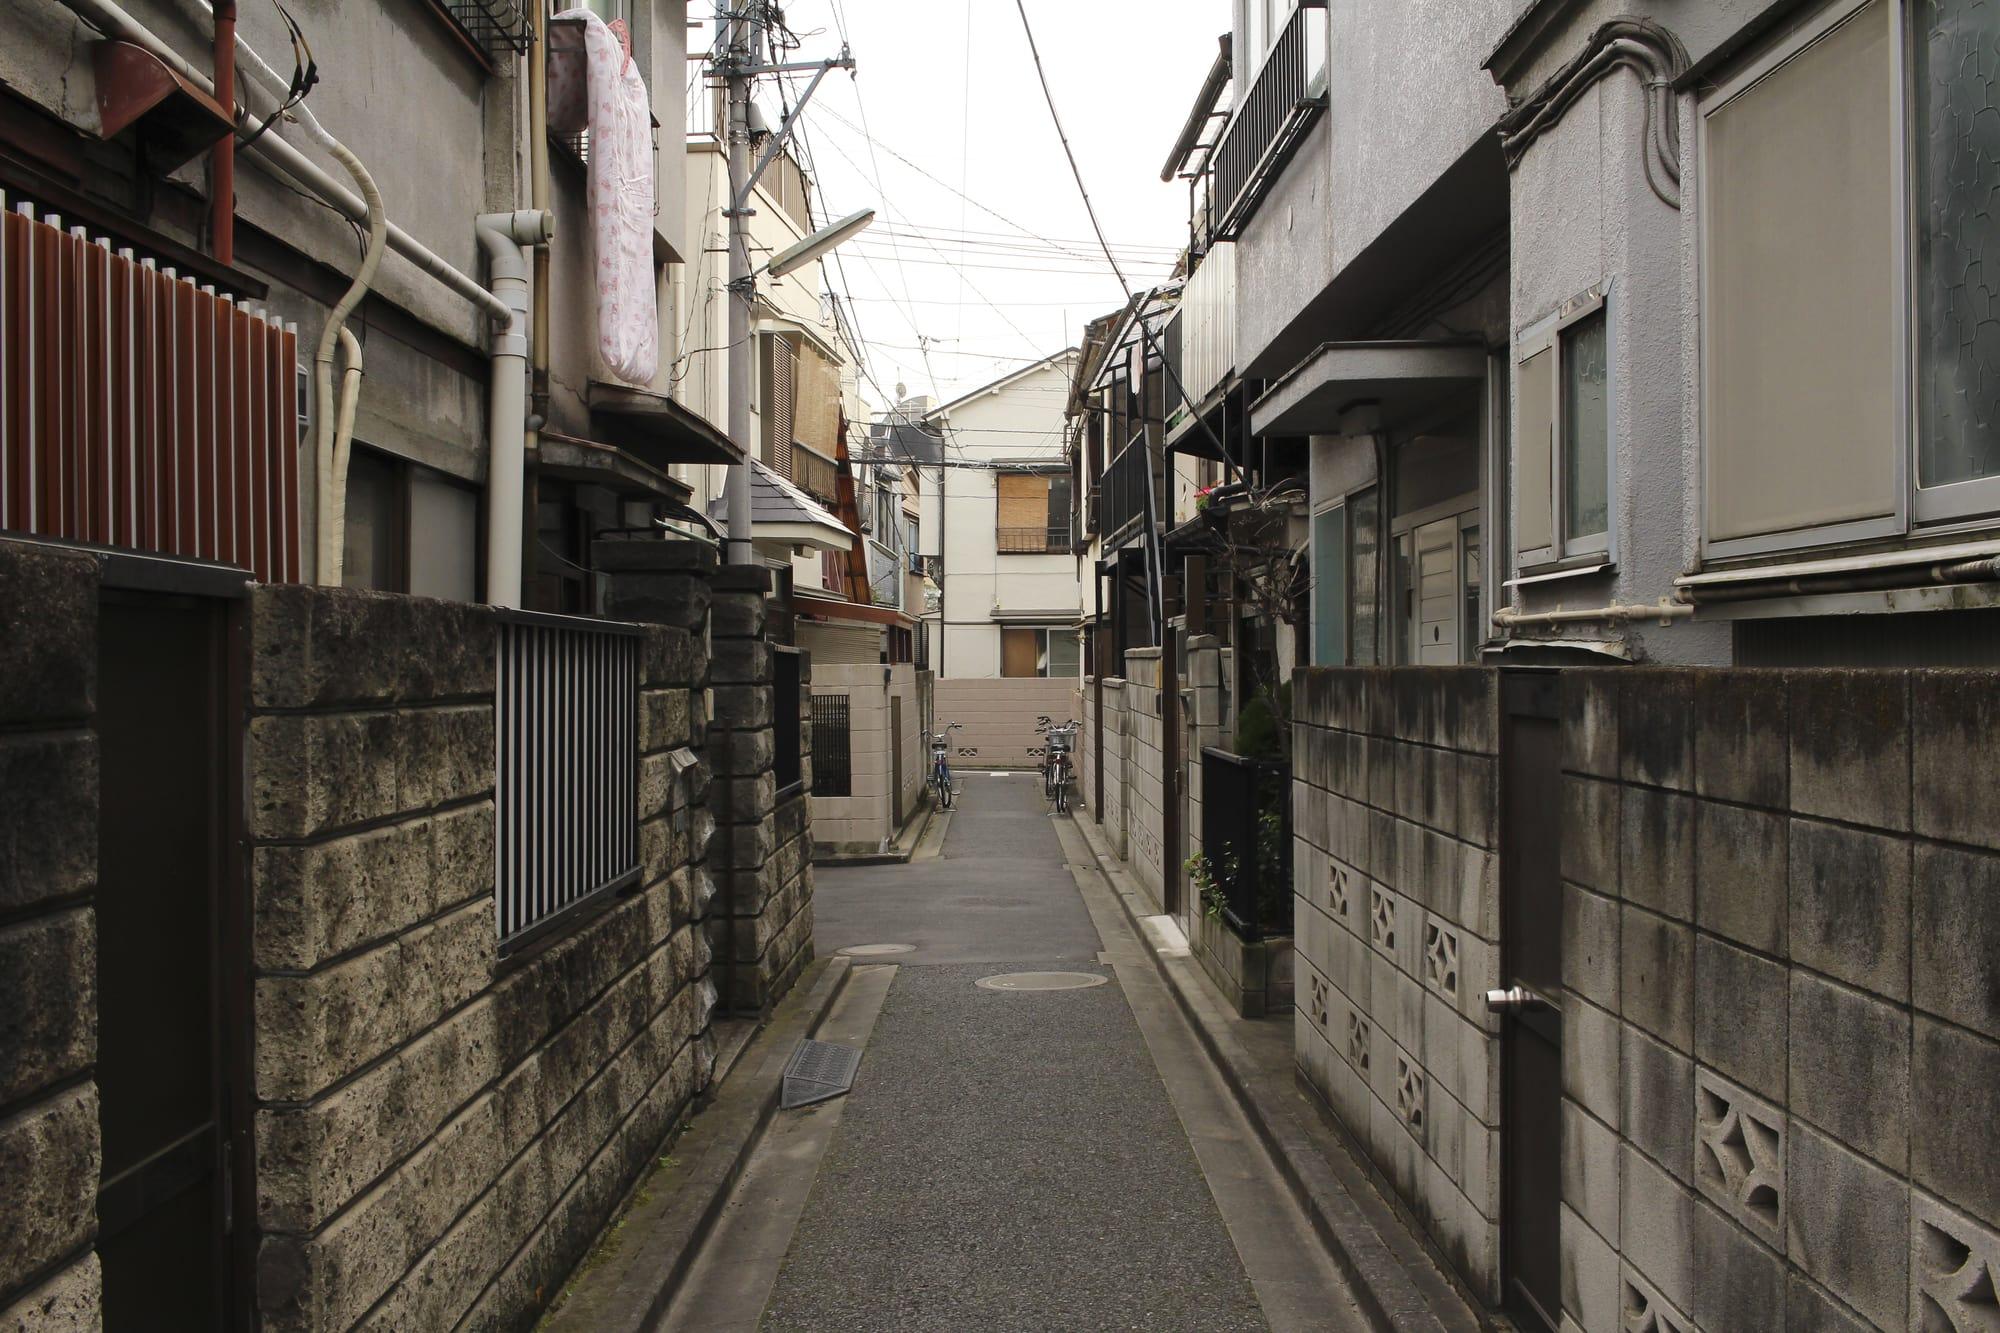 北原白秋( Hakushū Kitahara )has lived in Sendagi for 8 years